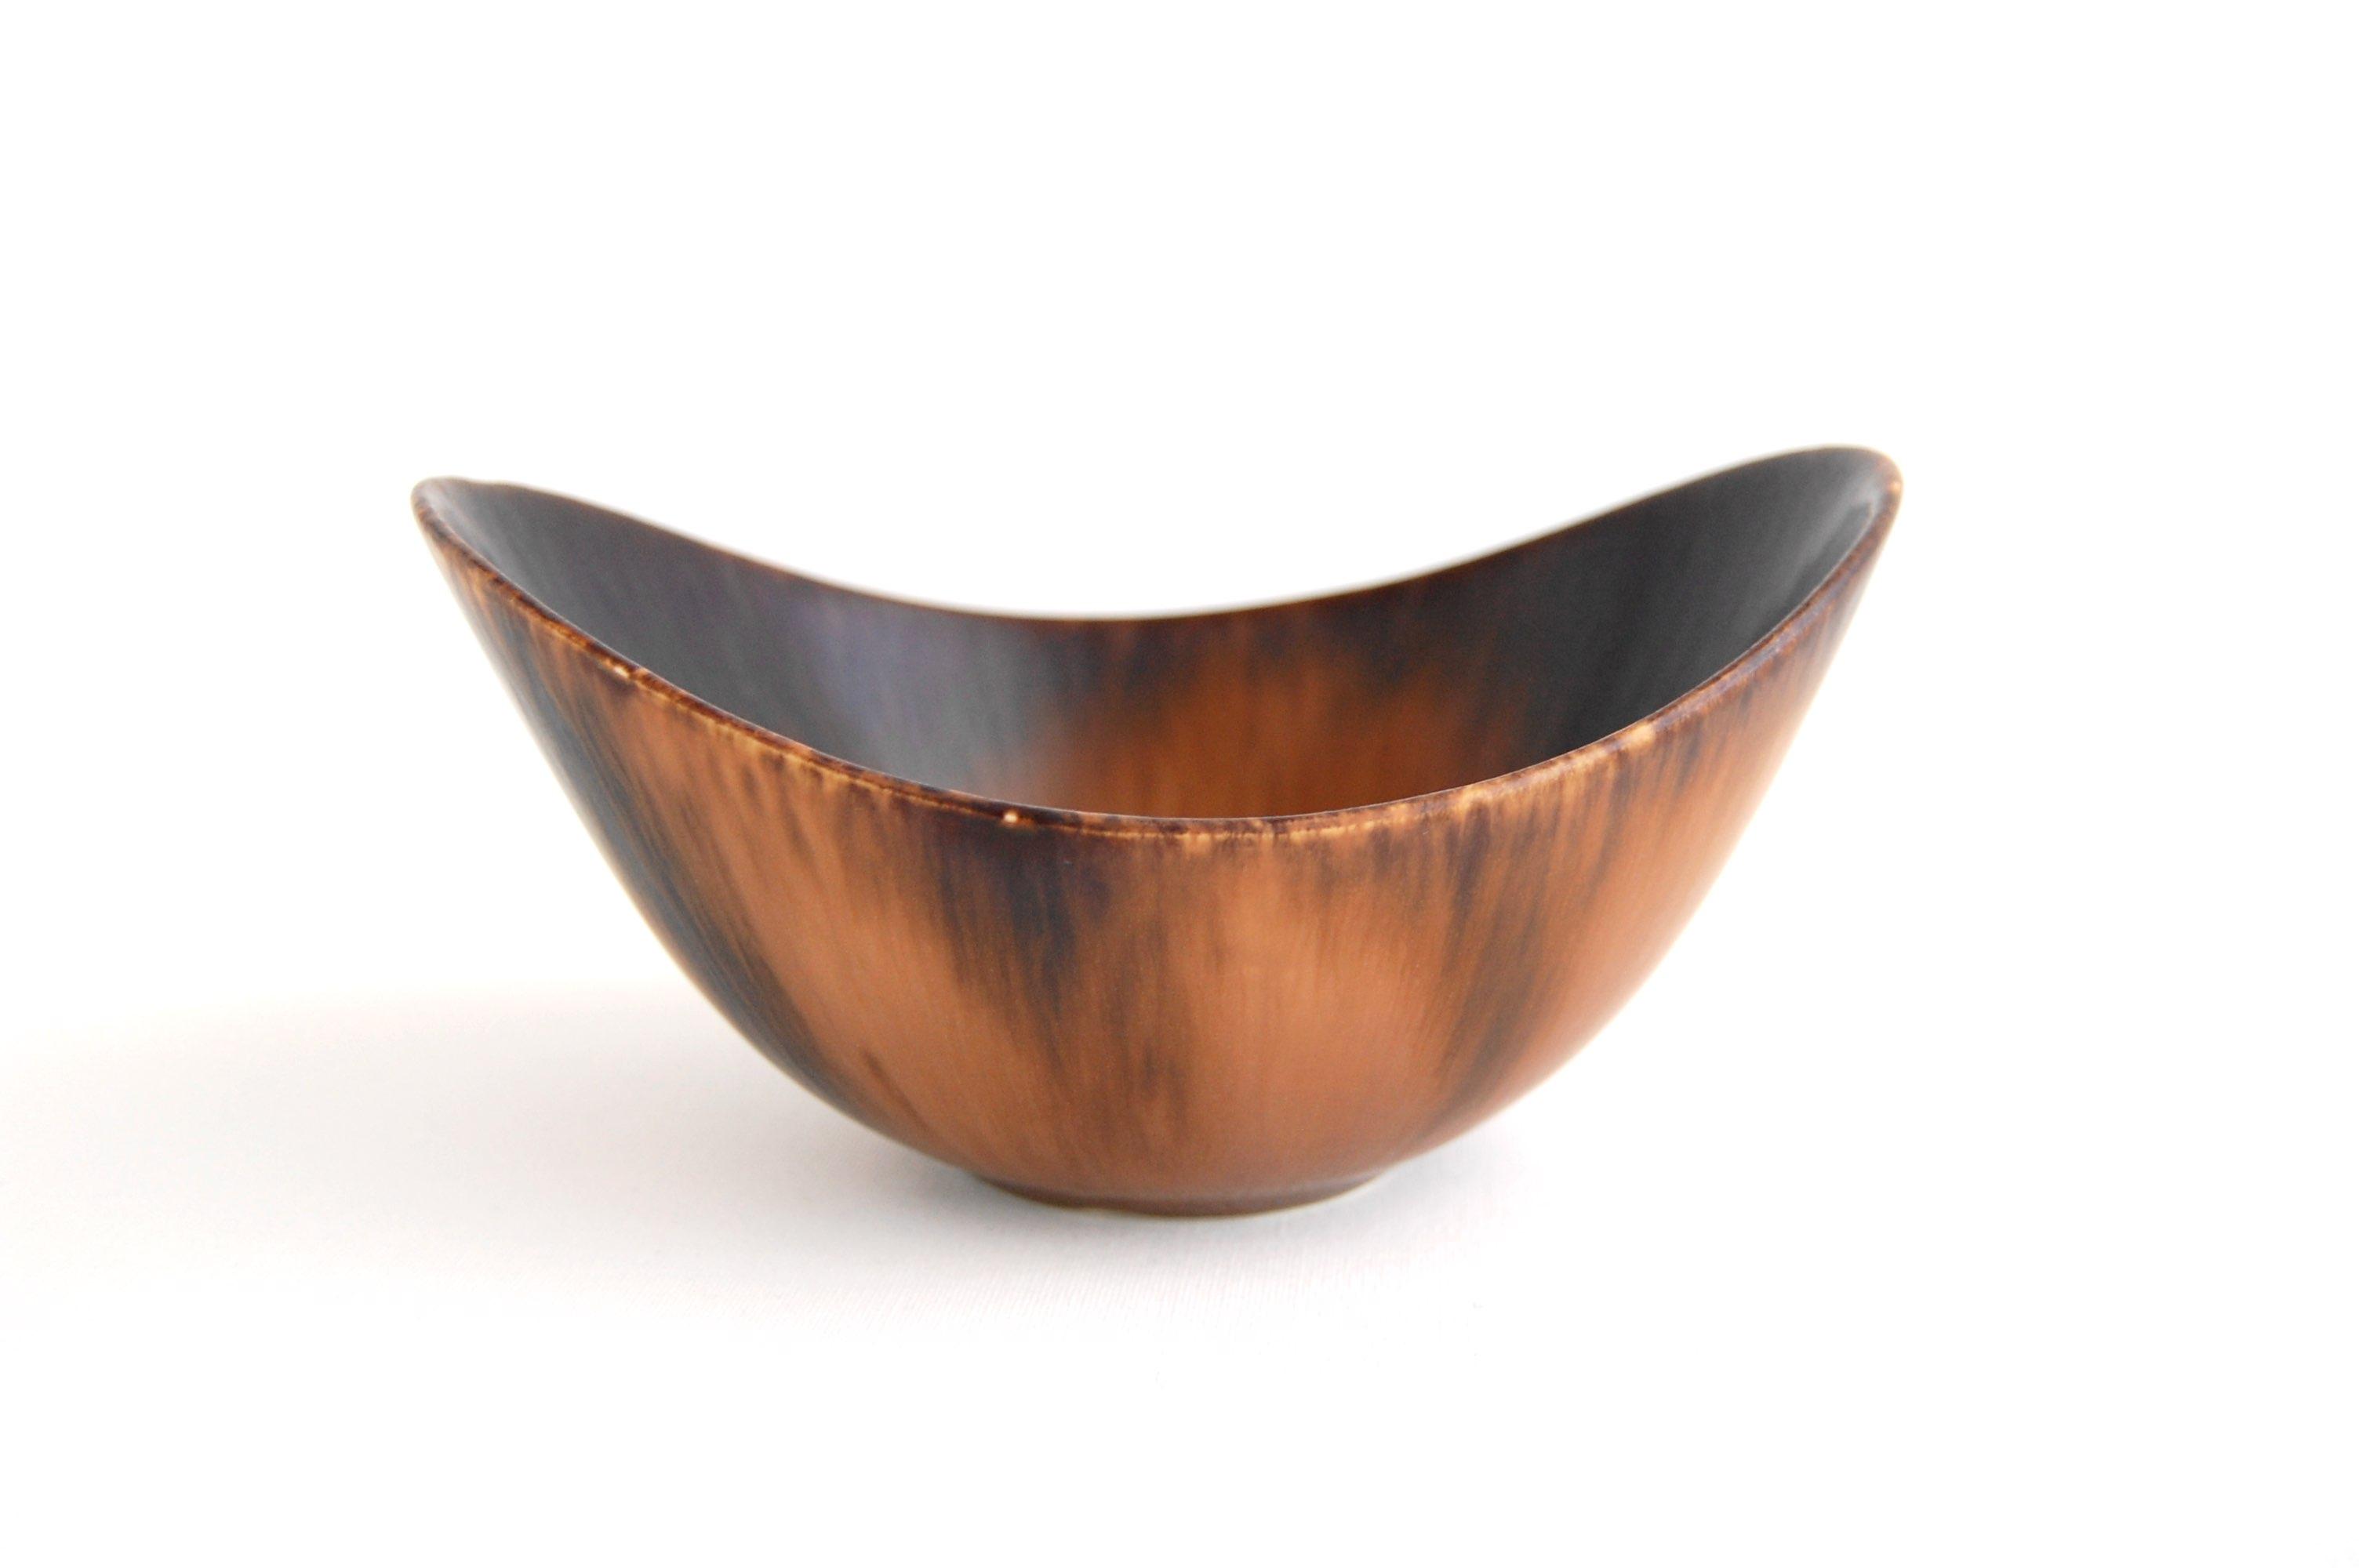 Rorstrand/ロールストランド Gunnar Nylund/グンナー・ニールンド ARO bowl 16cm ブラウン 001